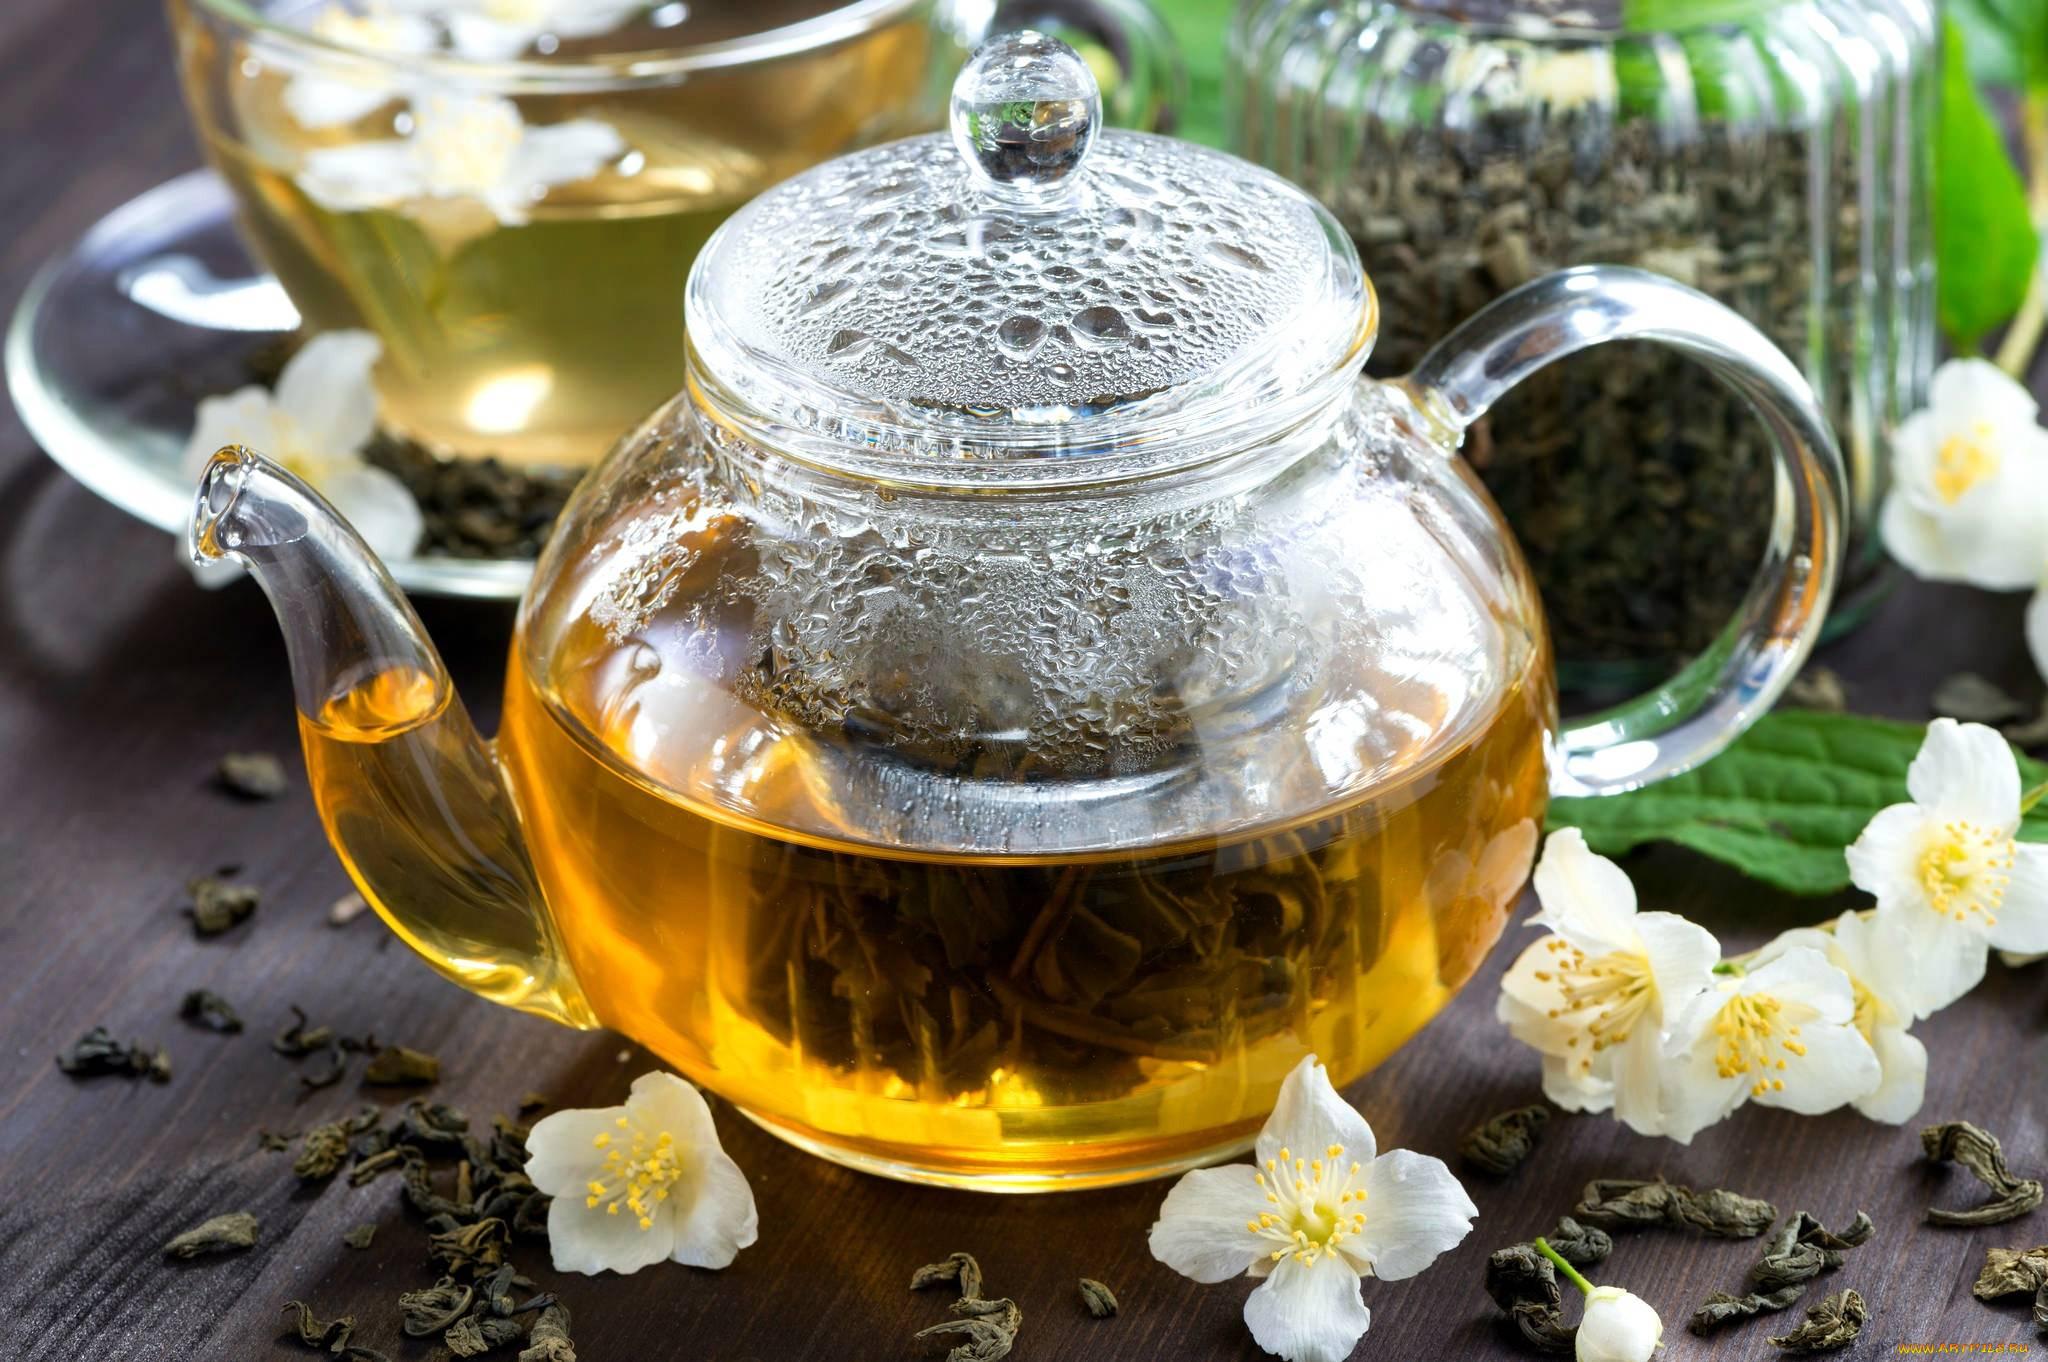 Чай с жасмином - польза и вред для здоровья, полезные свойства и противопоказания